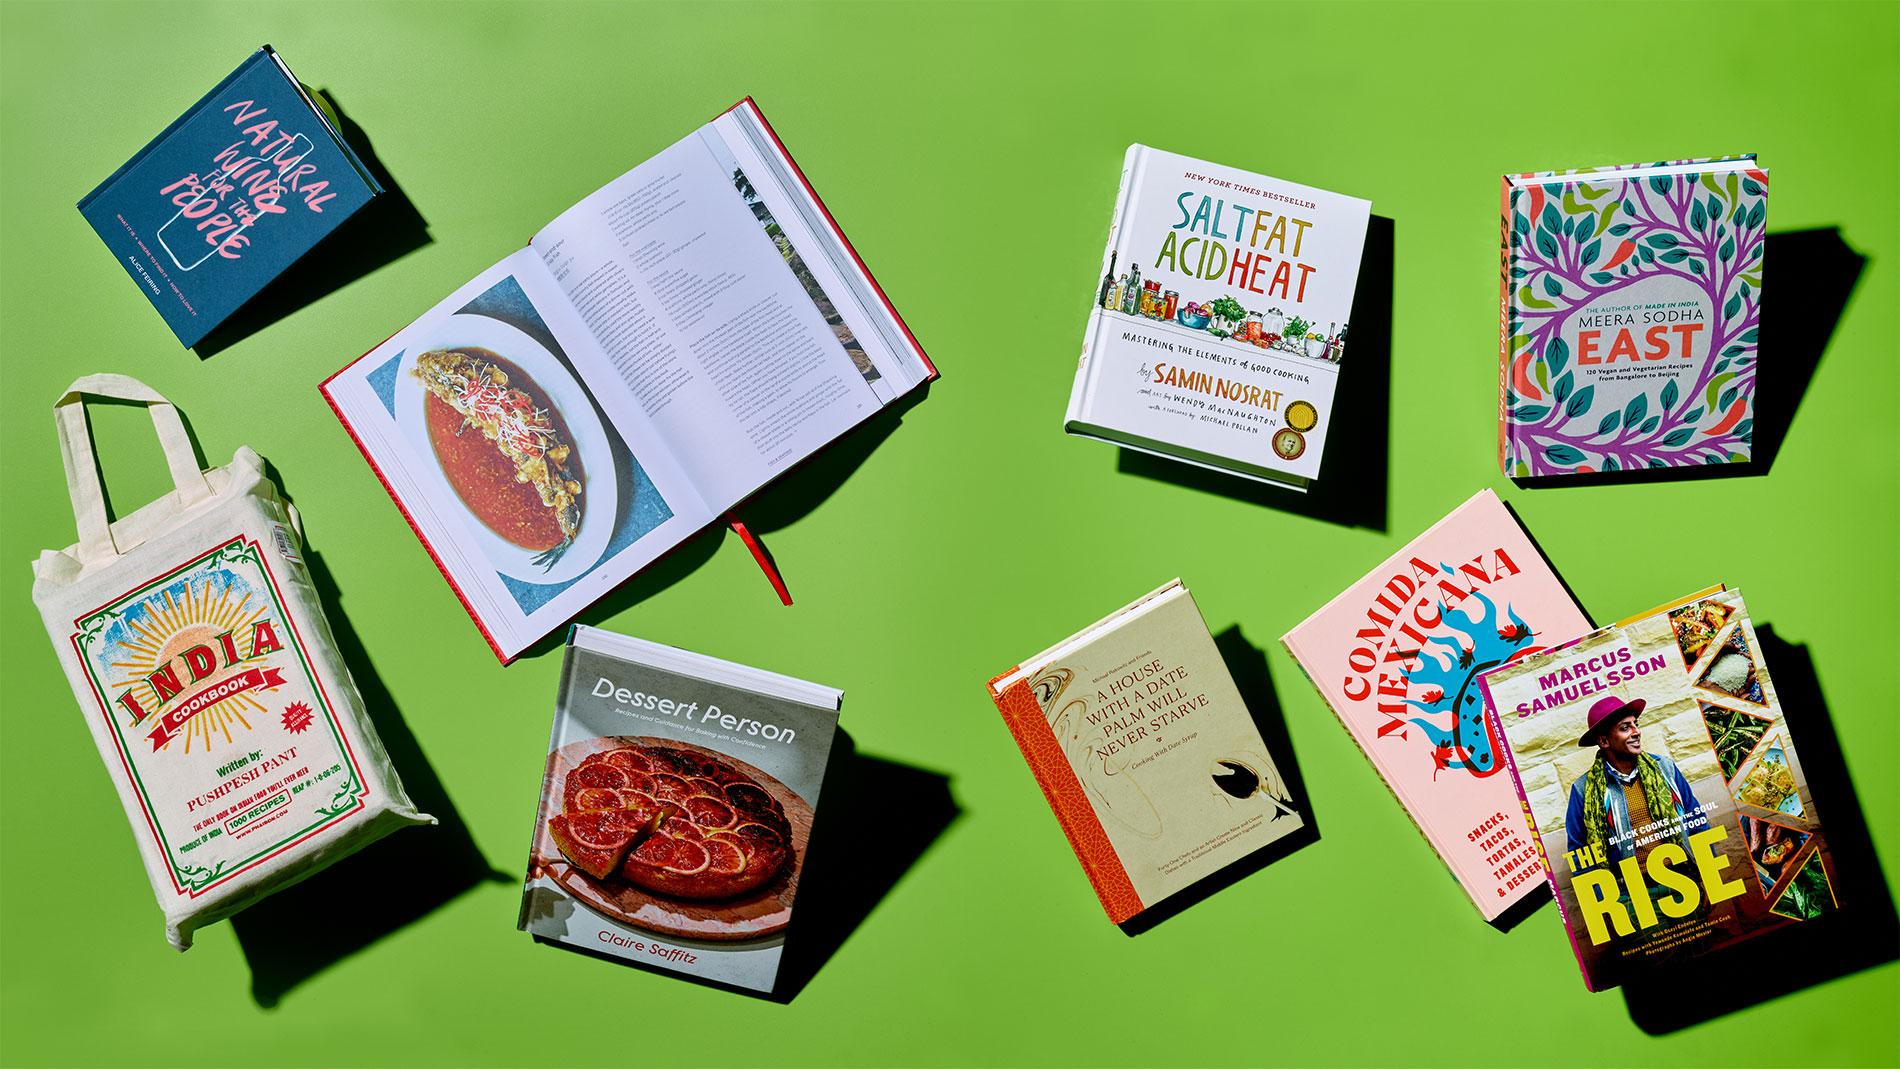 9 Cookbooks we love